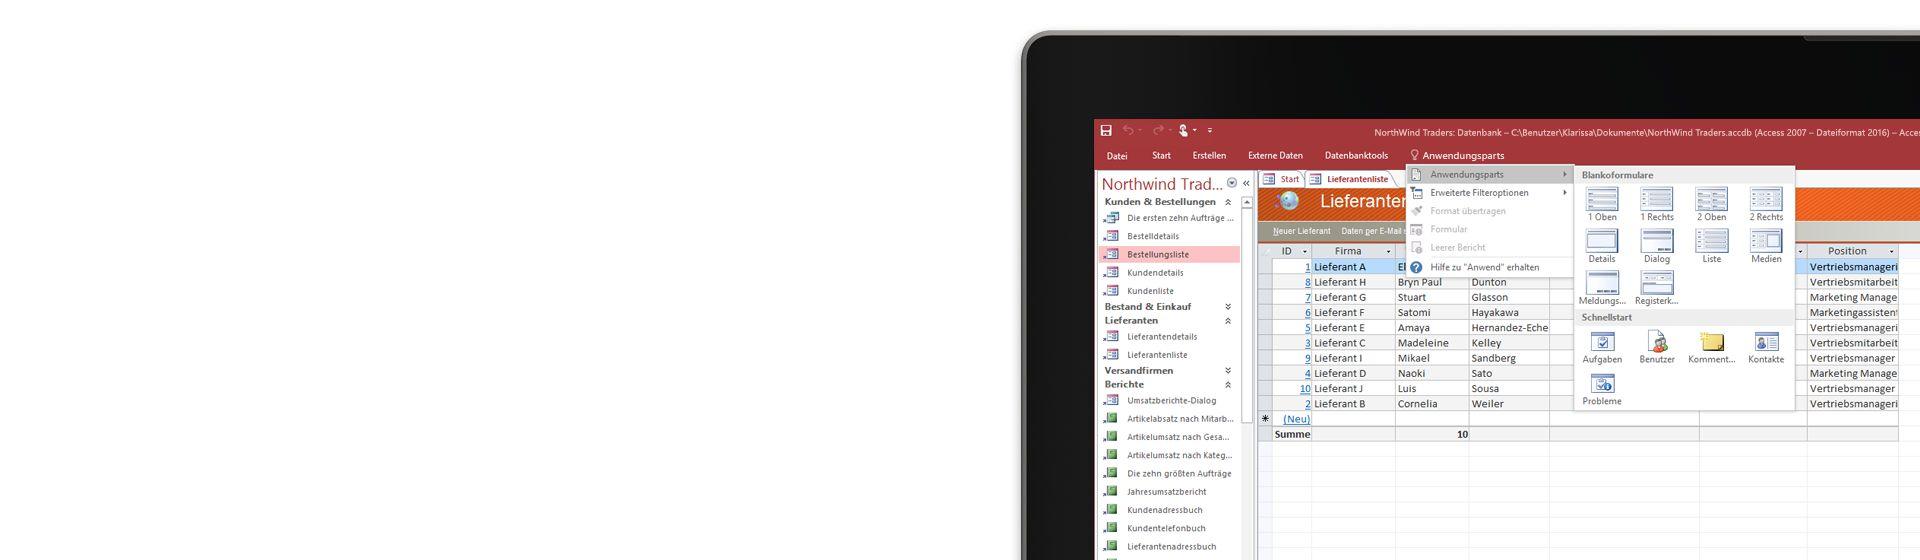 Ausschnitt eines Computerbildschirms mit einer Lieferantenliste aus einer Microsoft Access-Datenbank